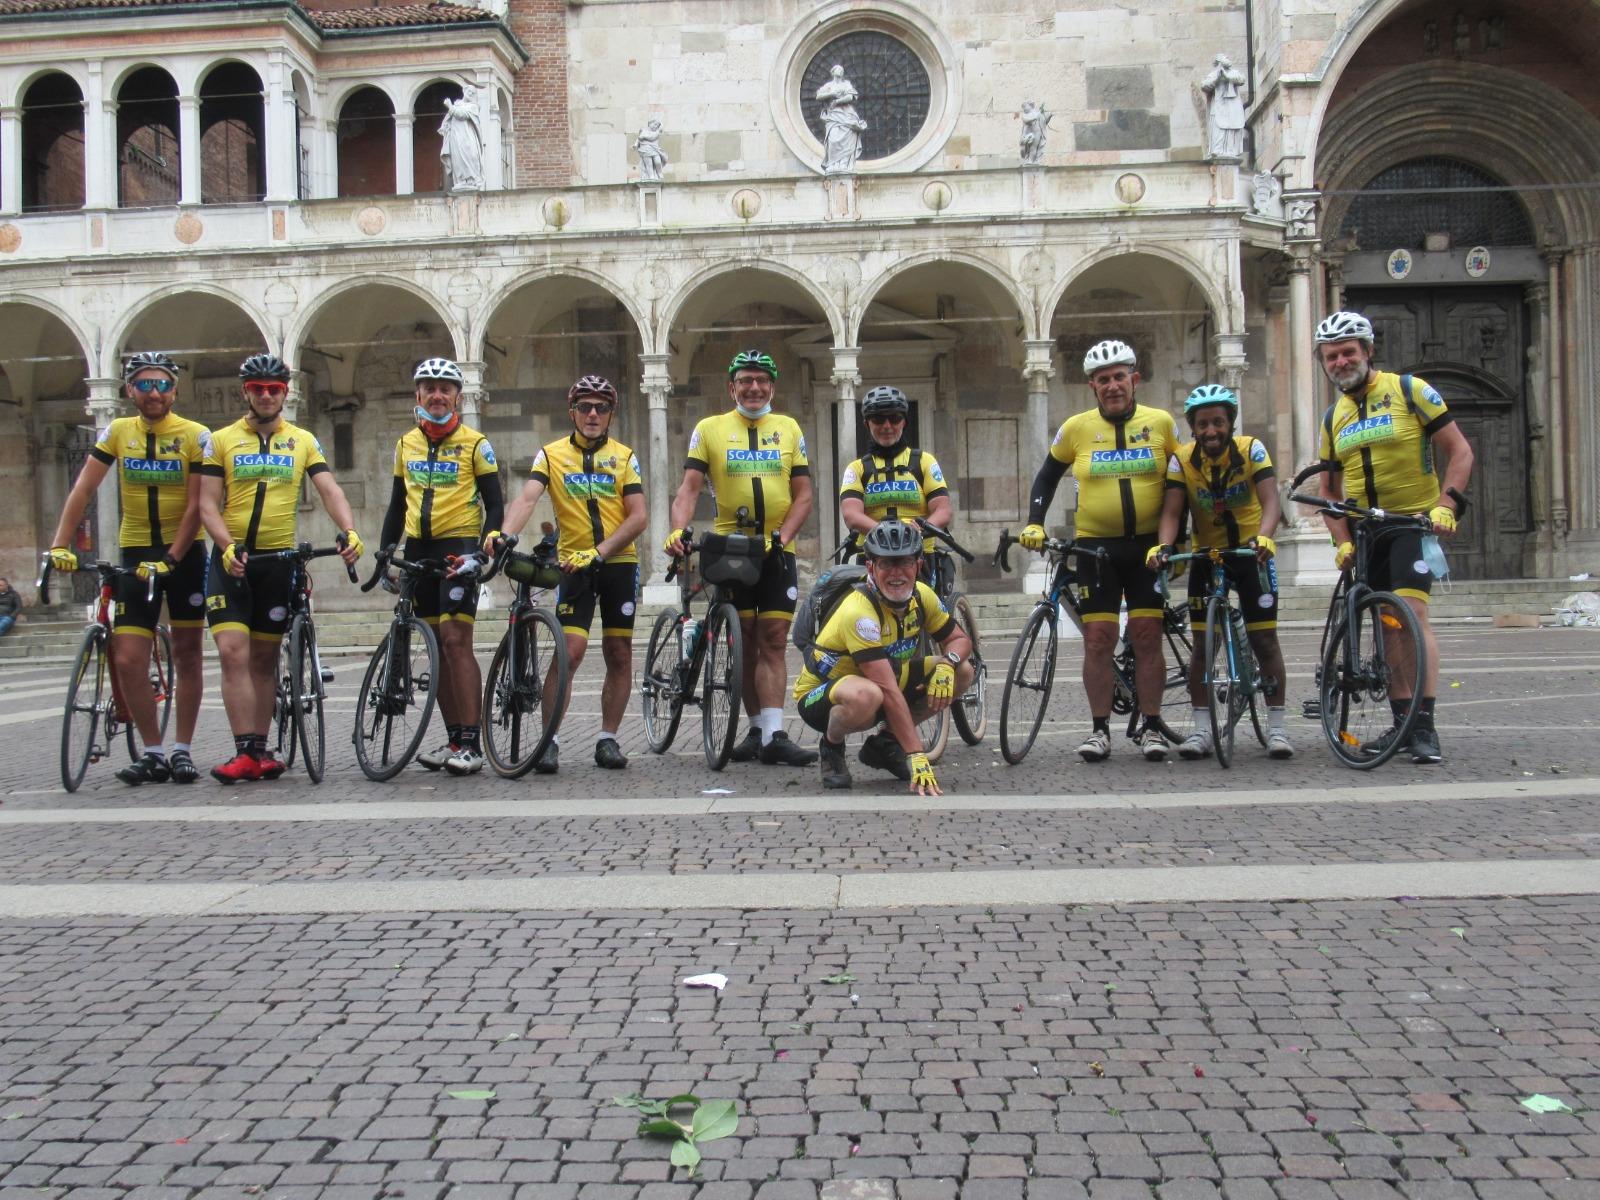 I ciclisti nella piazza a Crema